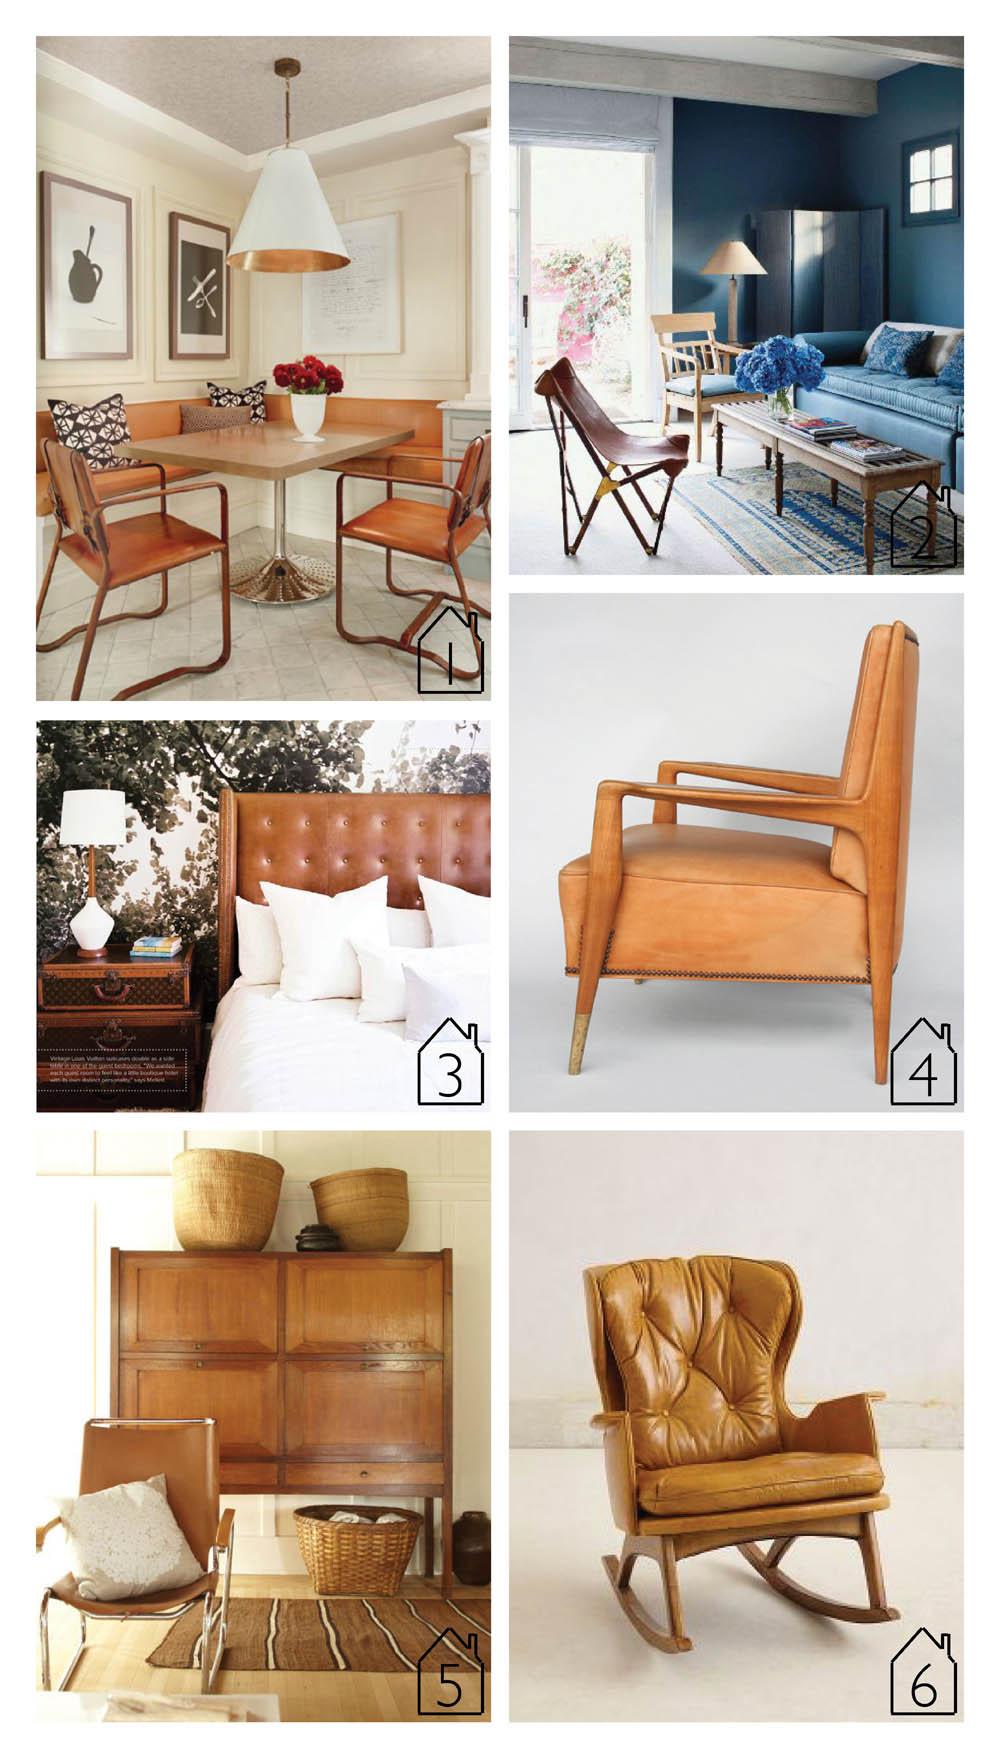 1. via  Vintage Luxe  2. source unknown 3. via  Lonny  4. via  Amsterdam modern armchair  5. via  A Note on Design  6.  Finn rocker  via  Anthropologie